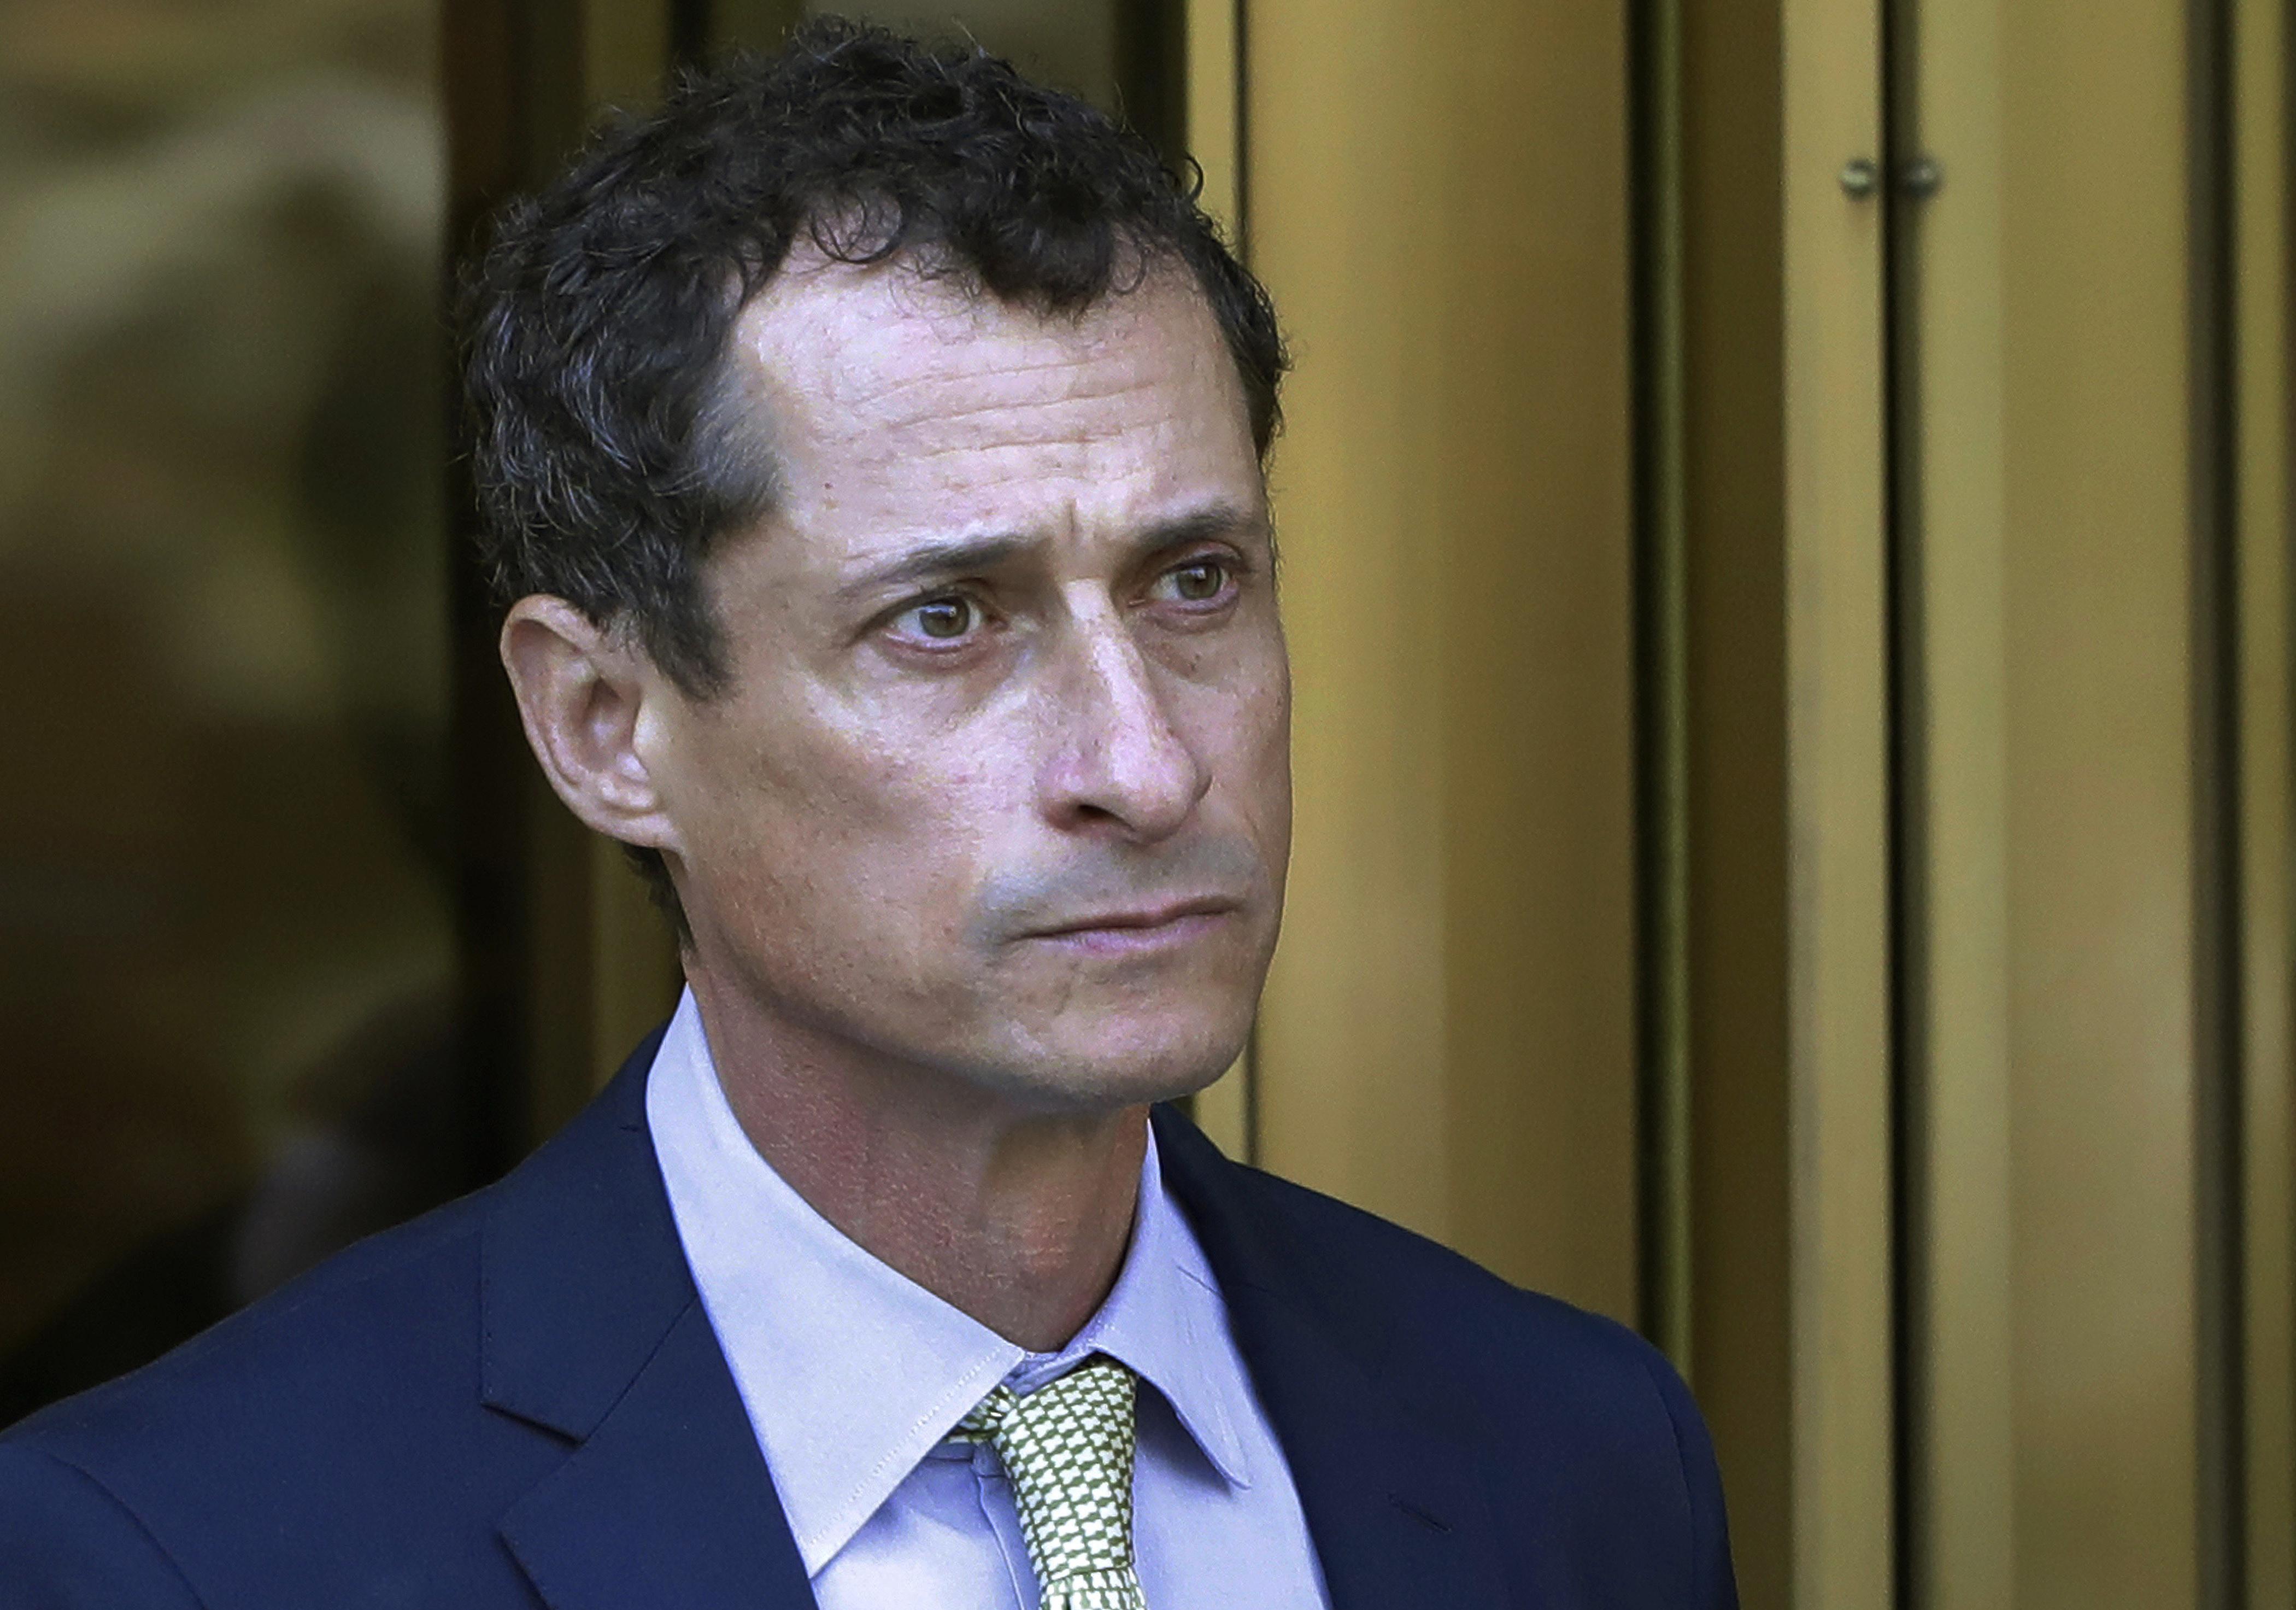 Weiner designated Level 1 sex offender as disgraced ex-congressman nears end of sentence